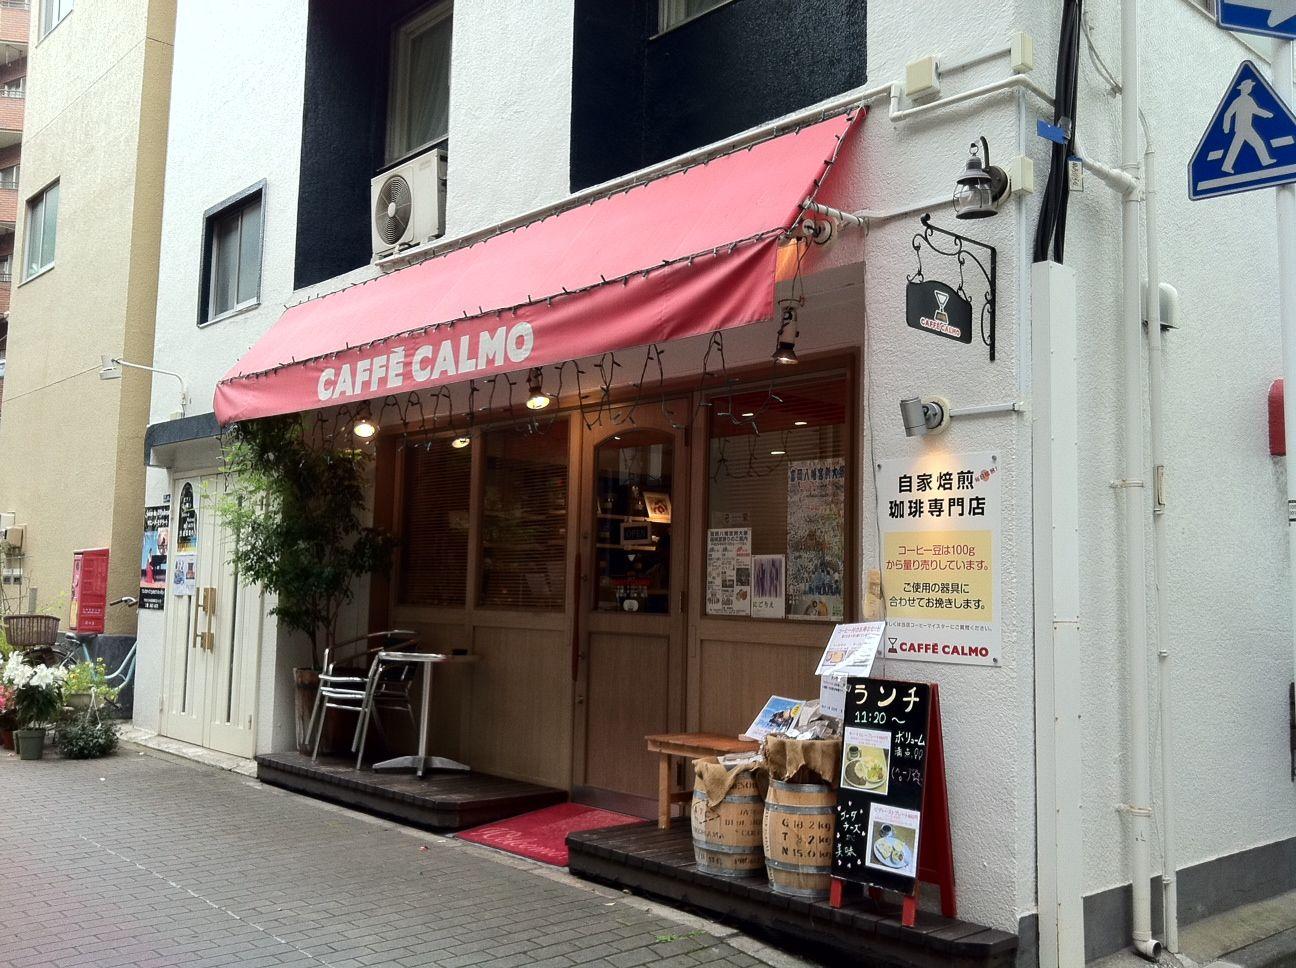 三毛猫ランチ2 : カフェ カルモ...